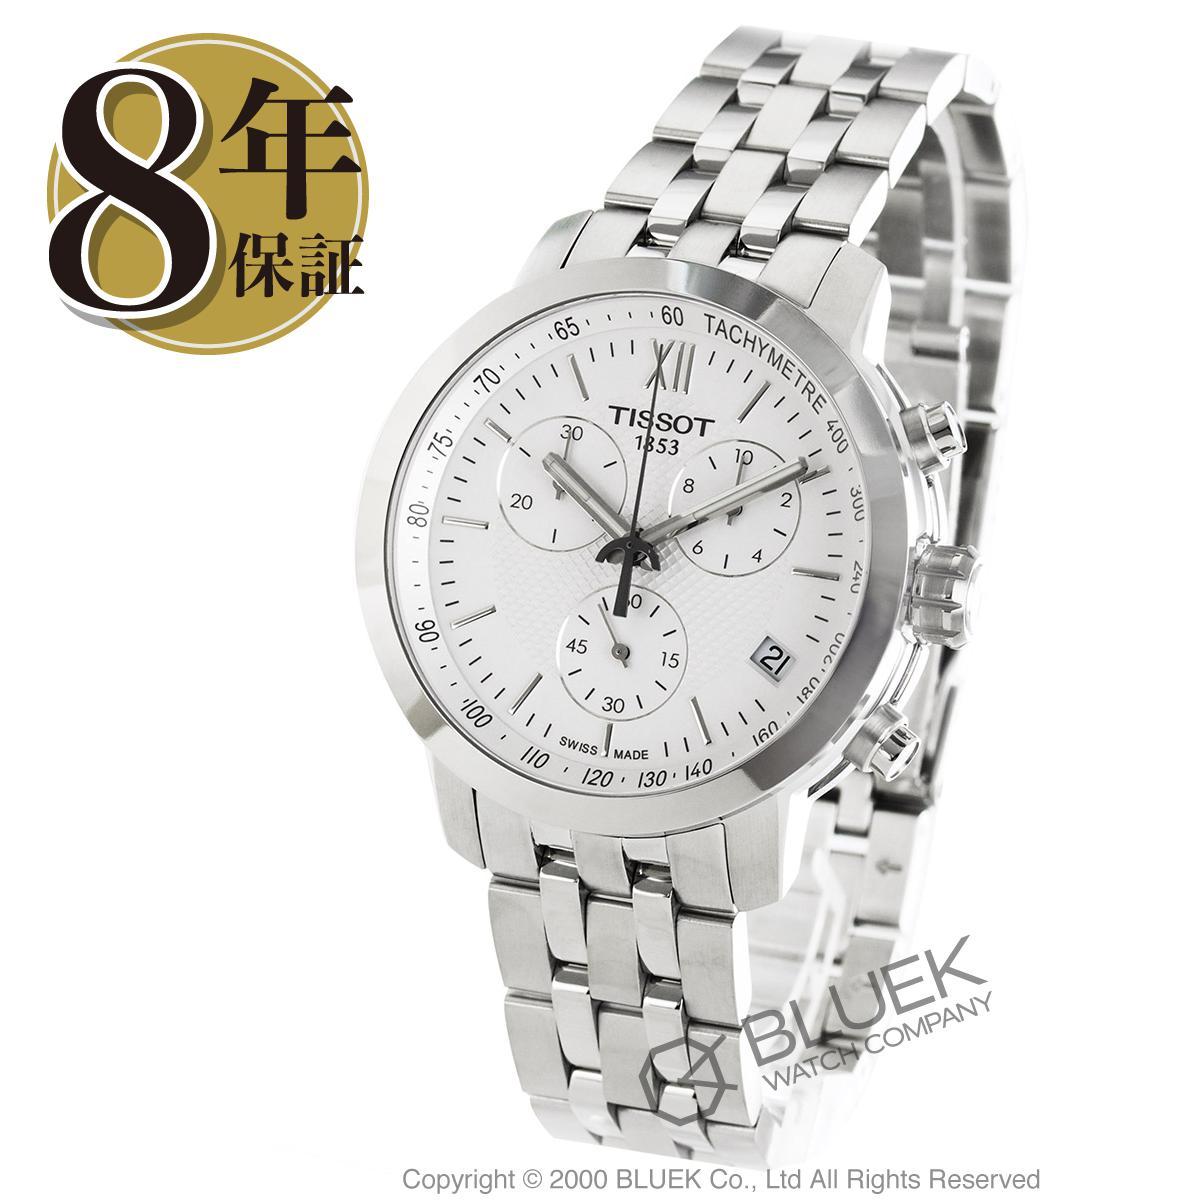 ティソ T-スポーツ PRC200 クロノグラフ フェンシング 腕時計 メンズ TISSOT T055.417.11.018.00_8